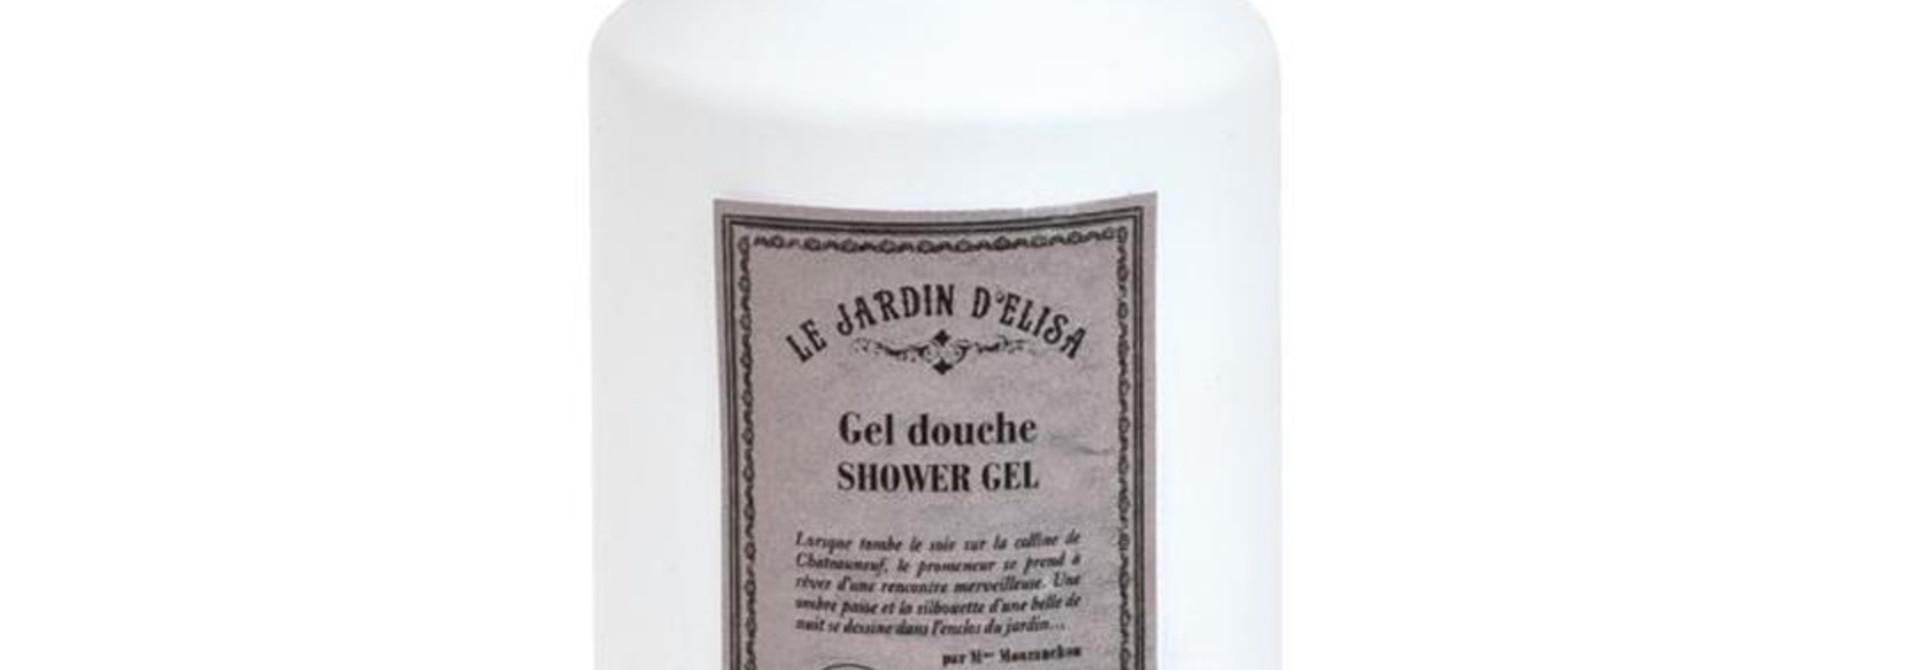 Le Jardin d'Elisa - 200ml Shower Gel